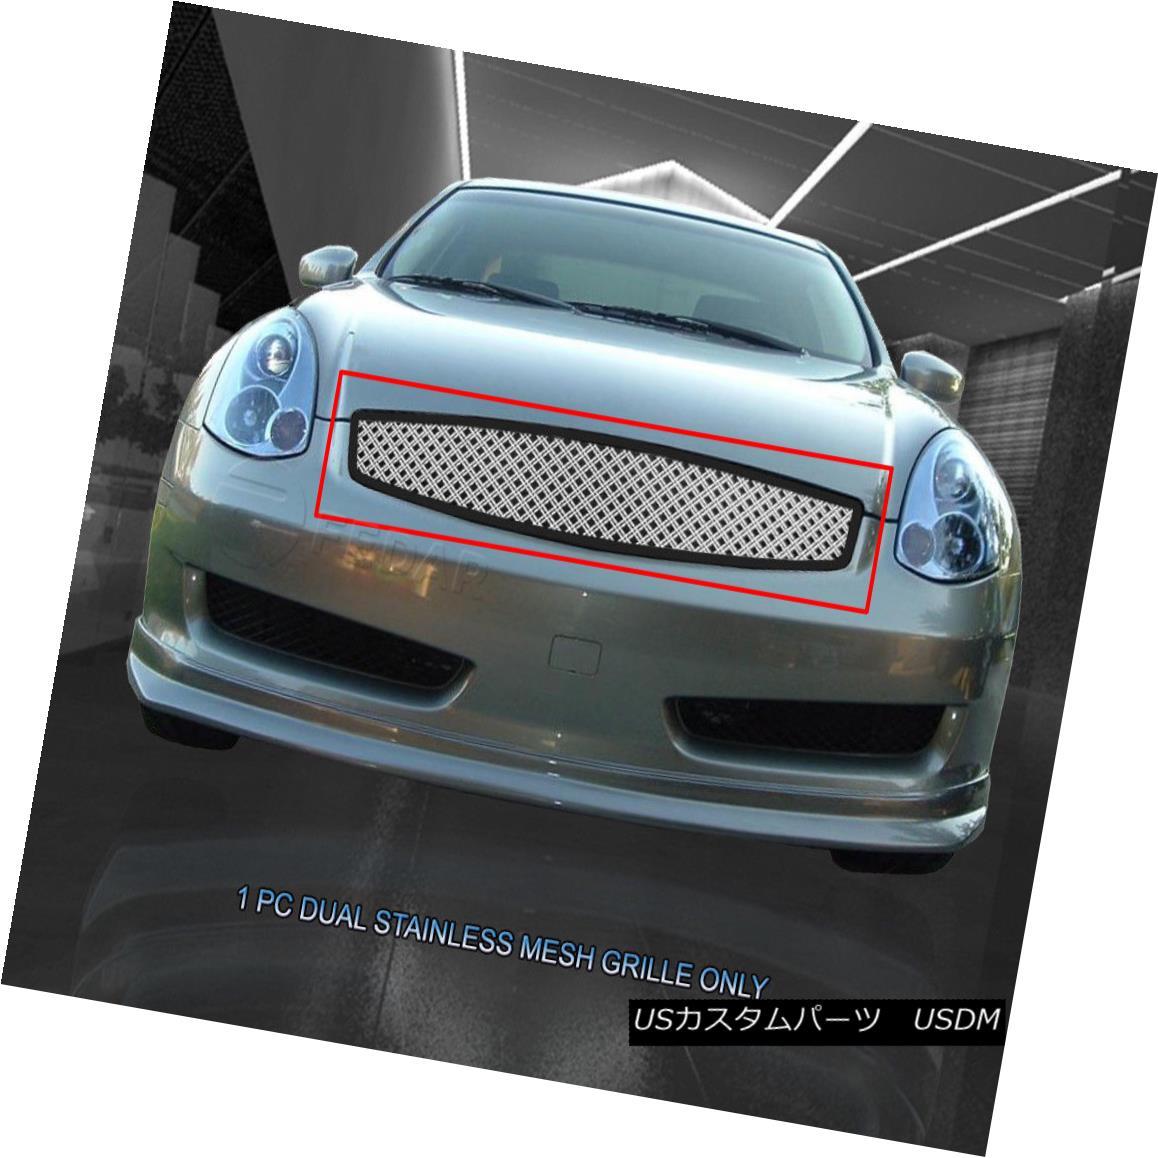 グリル Fedar Fits 2003-2007 Infiniti G35 Coupe Polished Dual Weave Mesh Grille Insert Fedarフィット2003-2007インフィニティG35クーペポリッシュデュアルウィーブメッシュグリルインサート